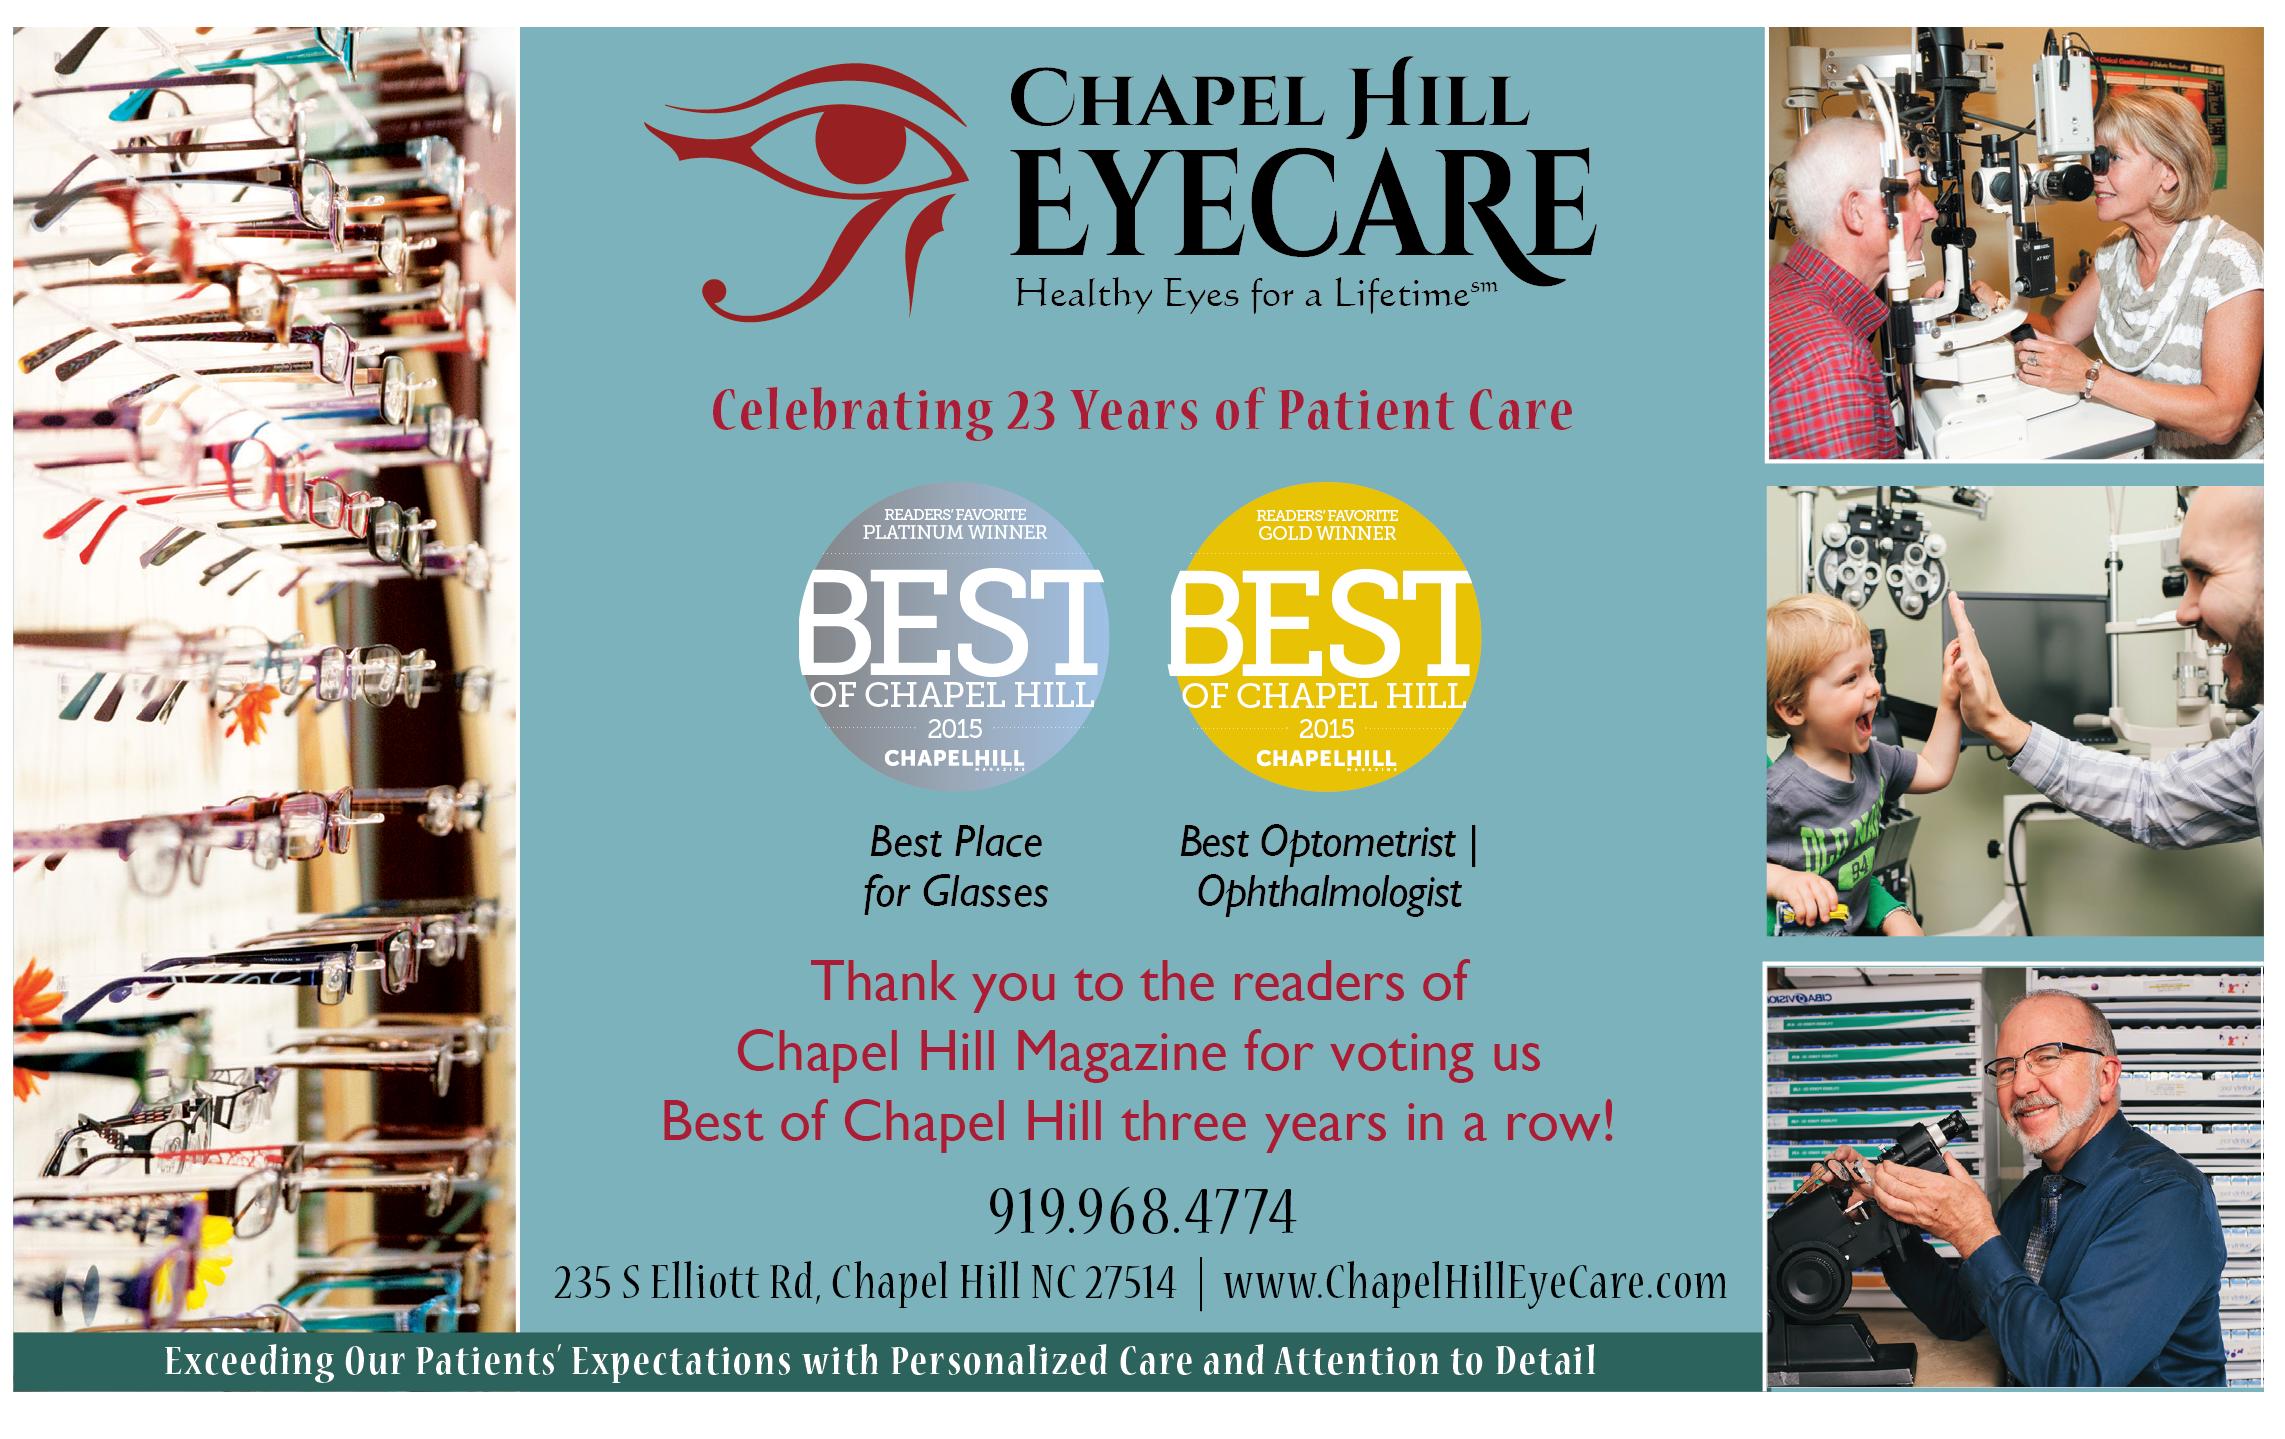 Best of Chapel Hill